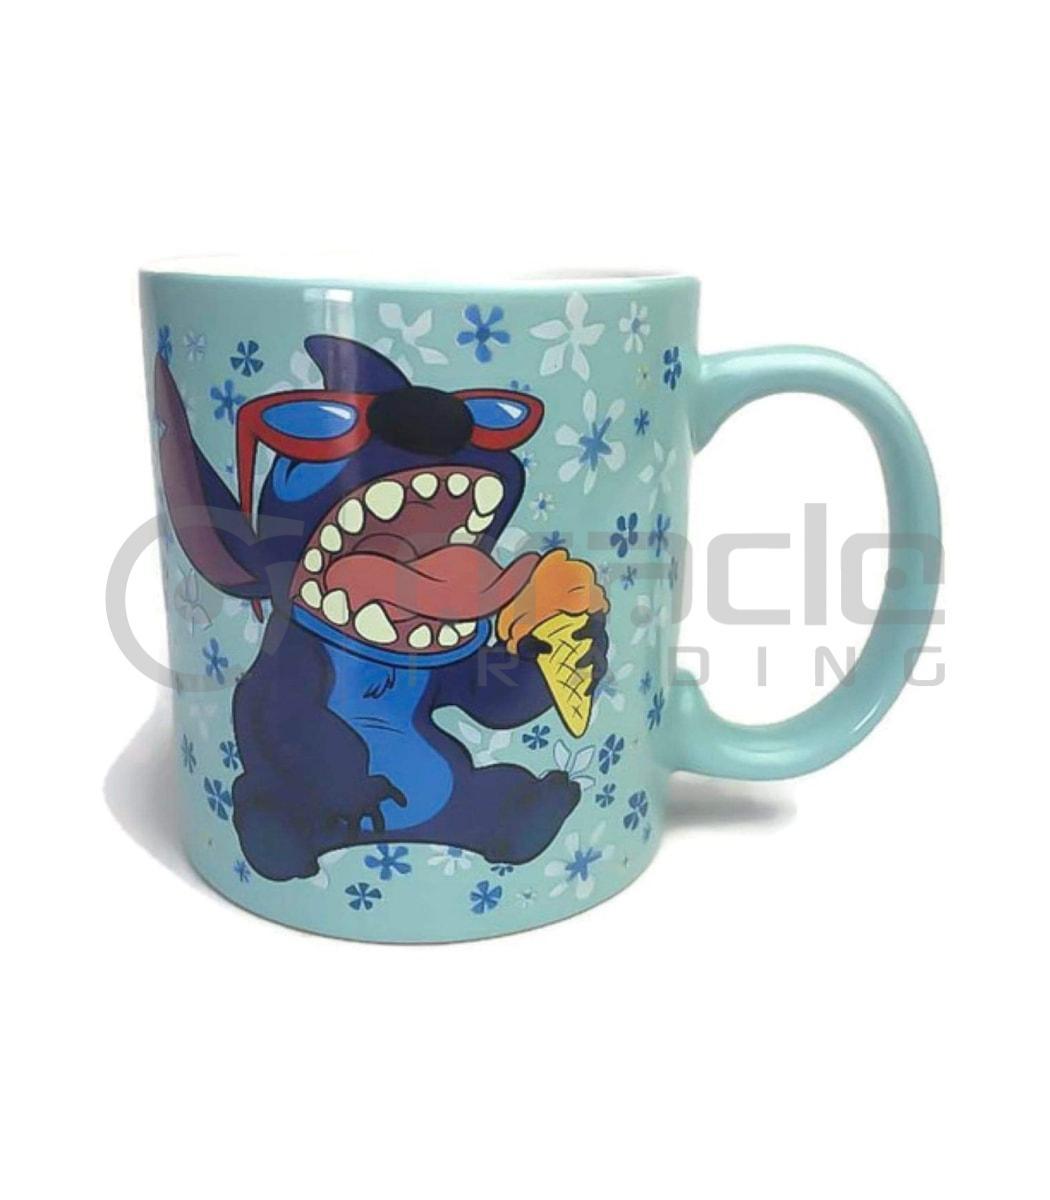 Lilo & Stitch Mug - Ice Cream